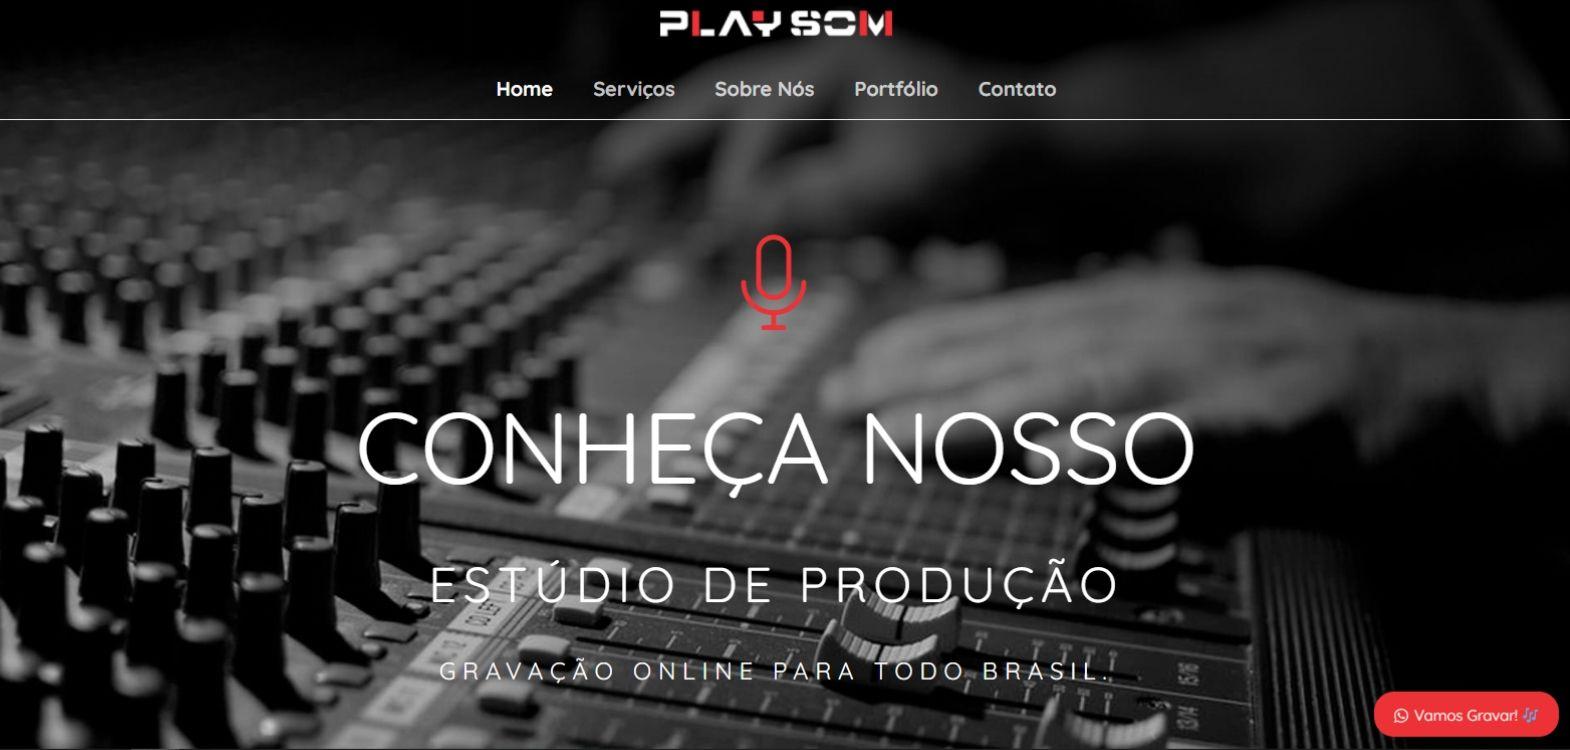 Site da Play Som Estúdio